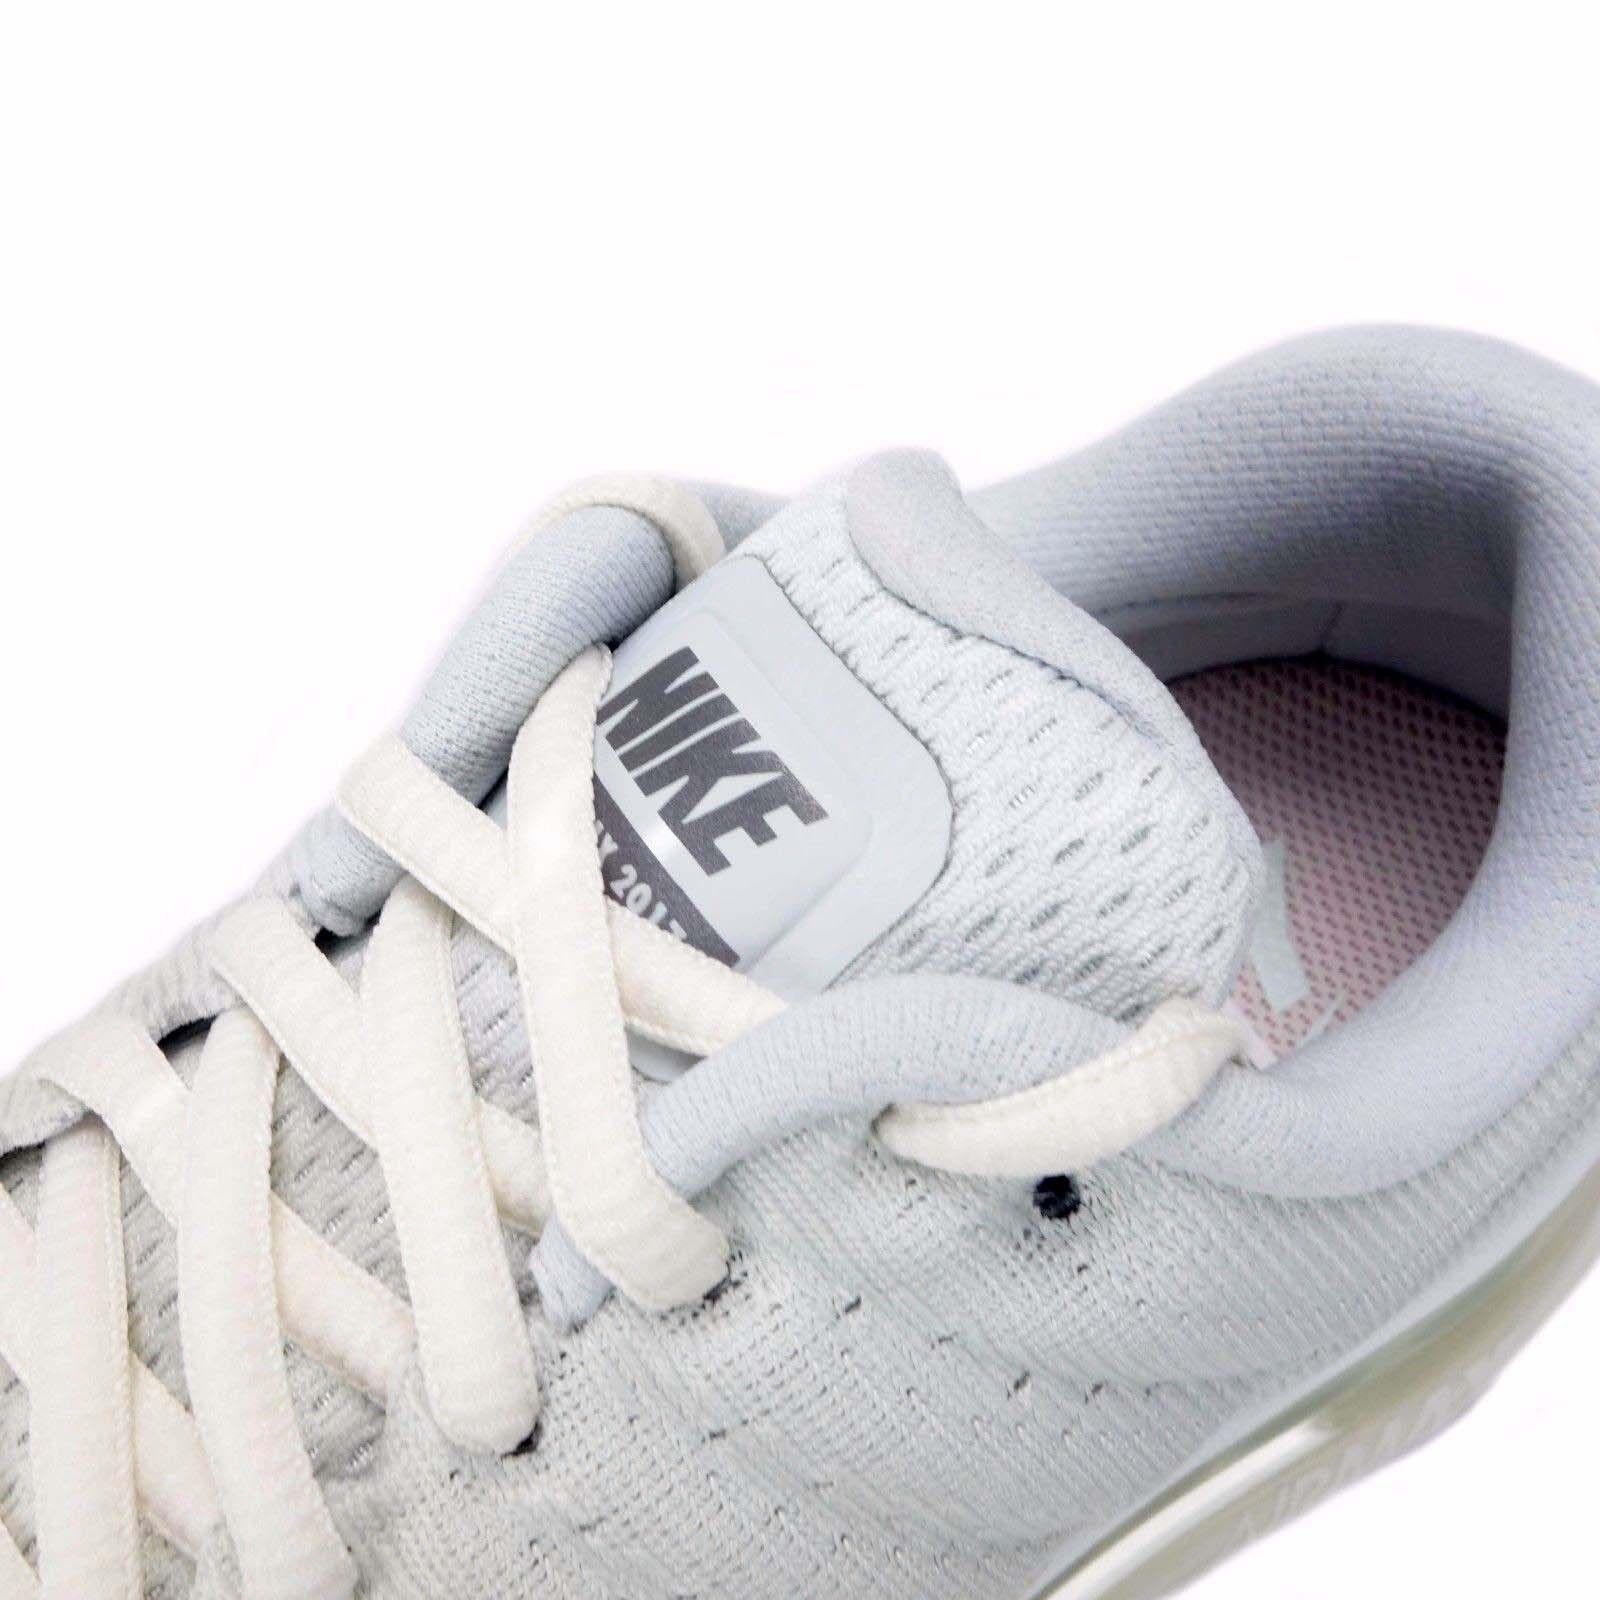 Nike air max 2017 2017 2017 le donne corrono formatori fantasma   bianco | Buona reputazione a livello mondiale  | Maschio/Ragazze Scarpa  b6a01f